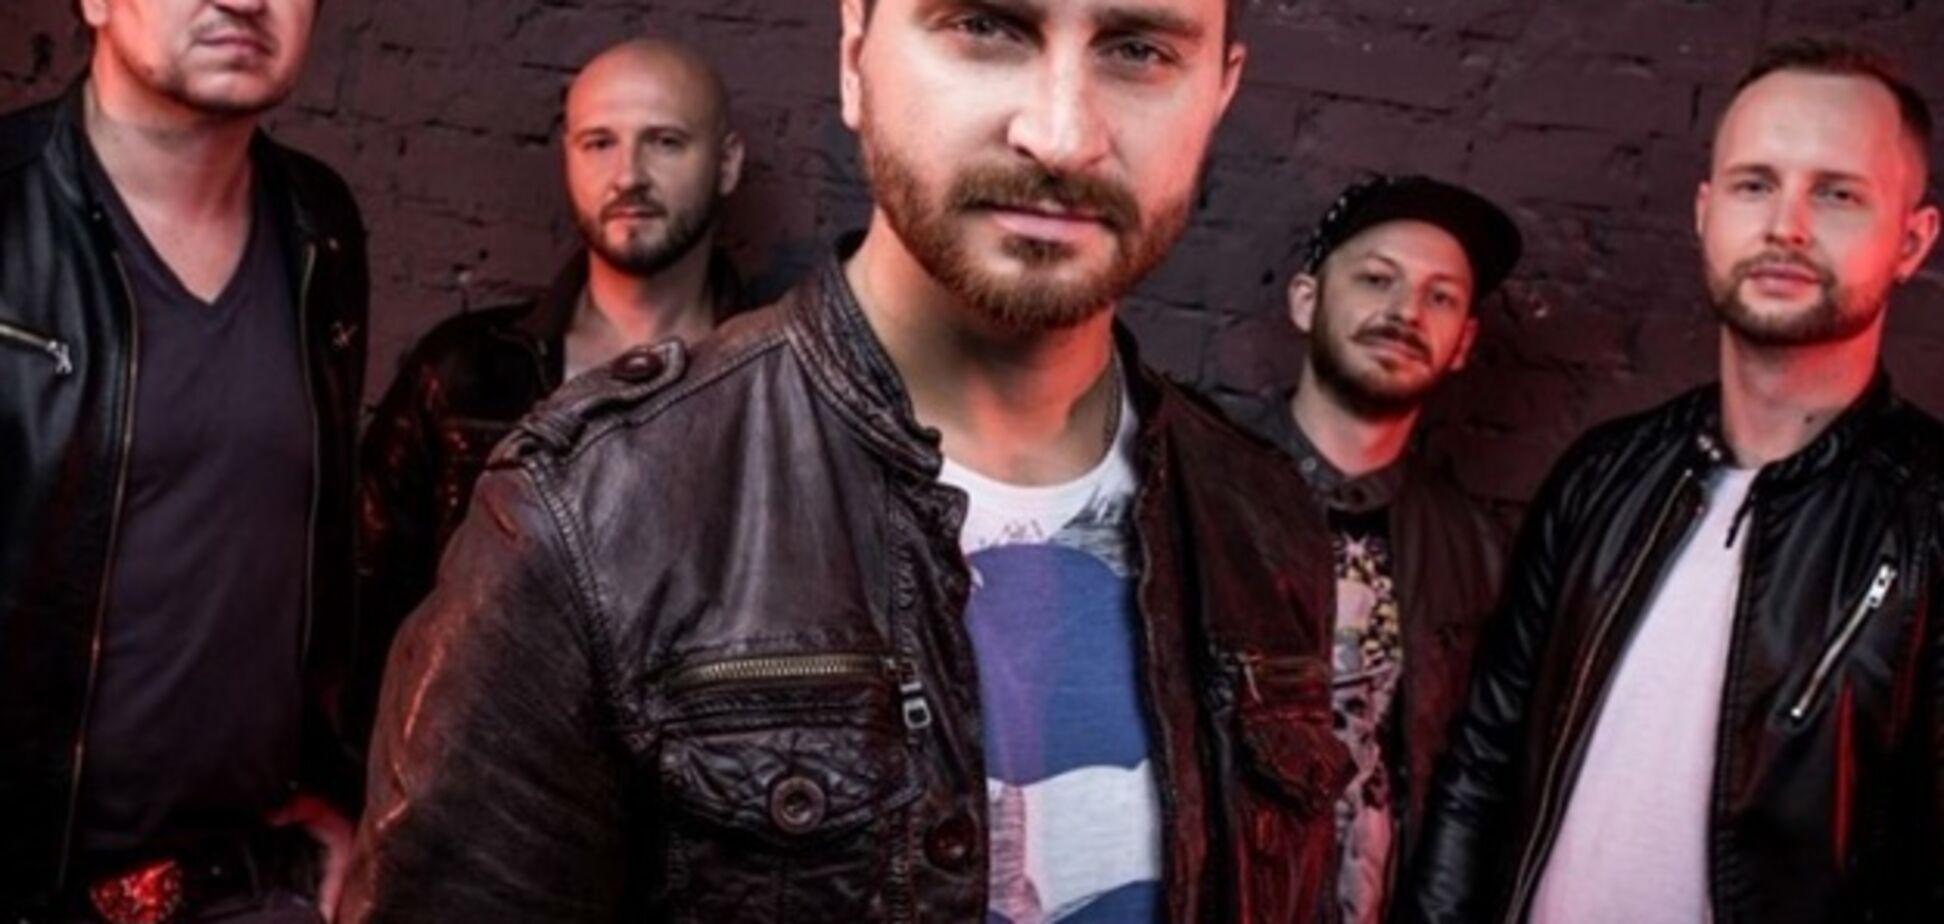 Інцидент із українським гуртом в Одесі закінчився 'хепі-ендом'